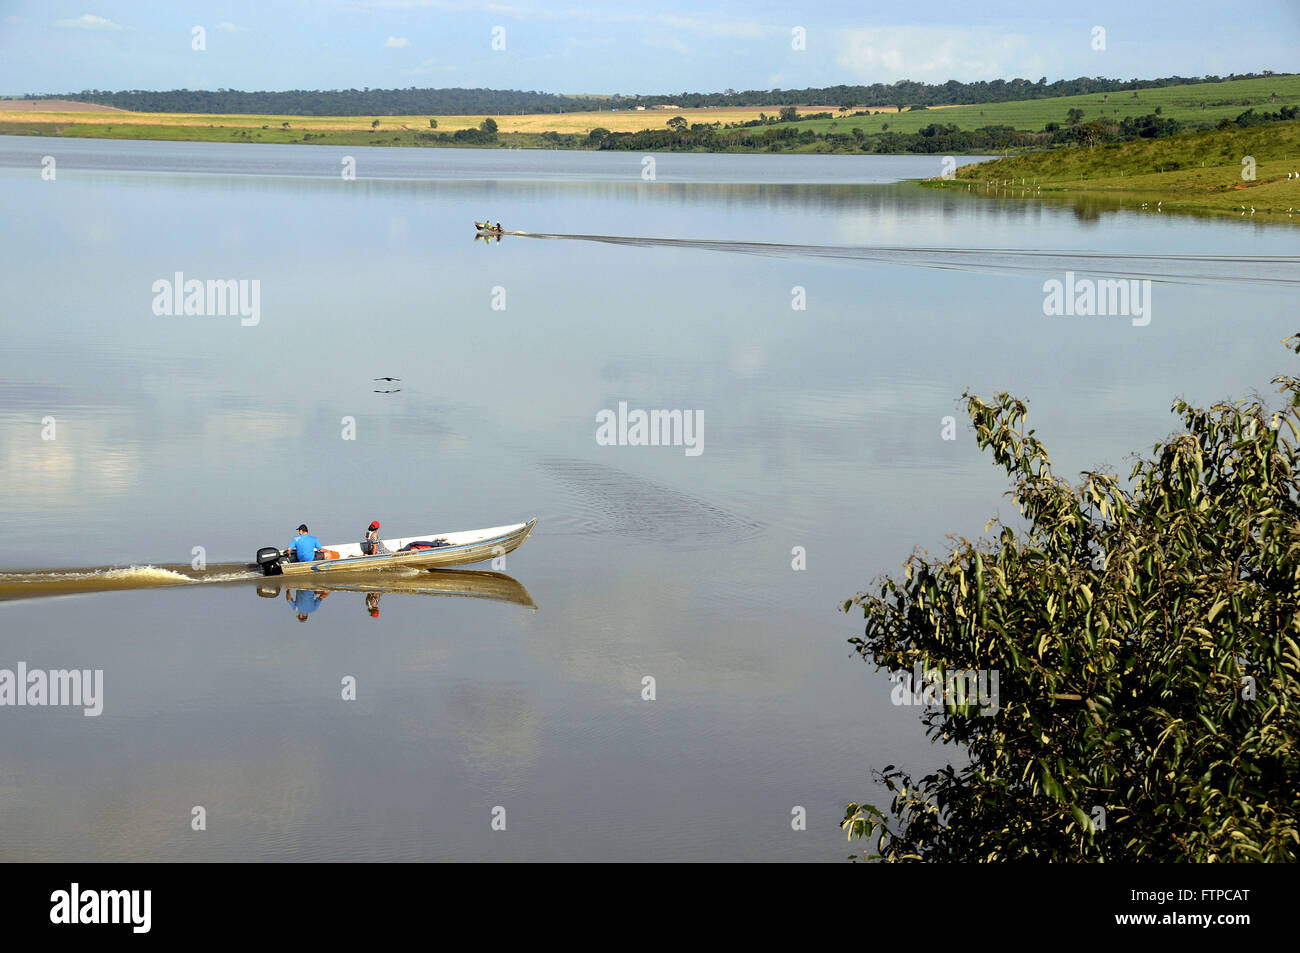 Los pescadores de la presa del río Piracicaba - Barra Bonita Presa Imagen De Stock